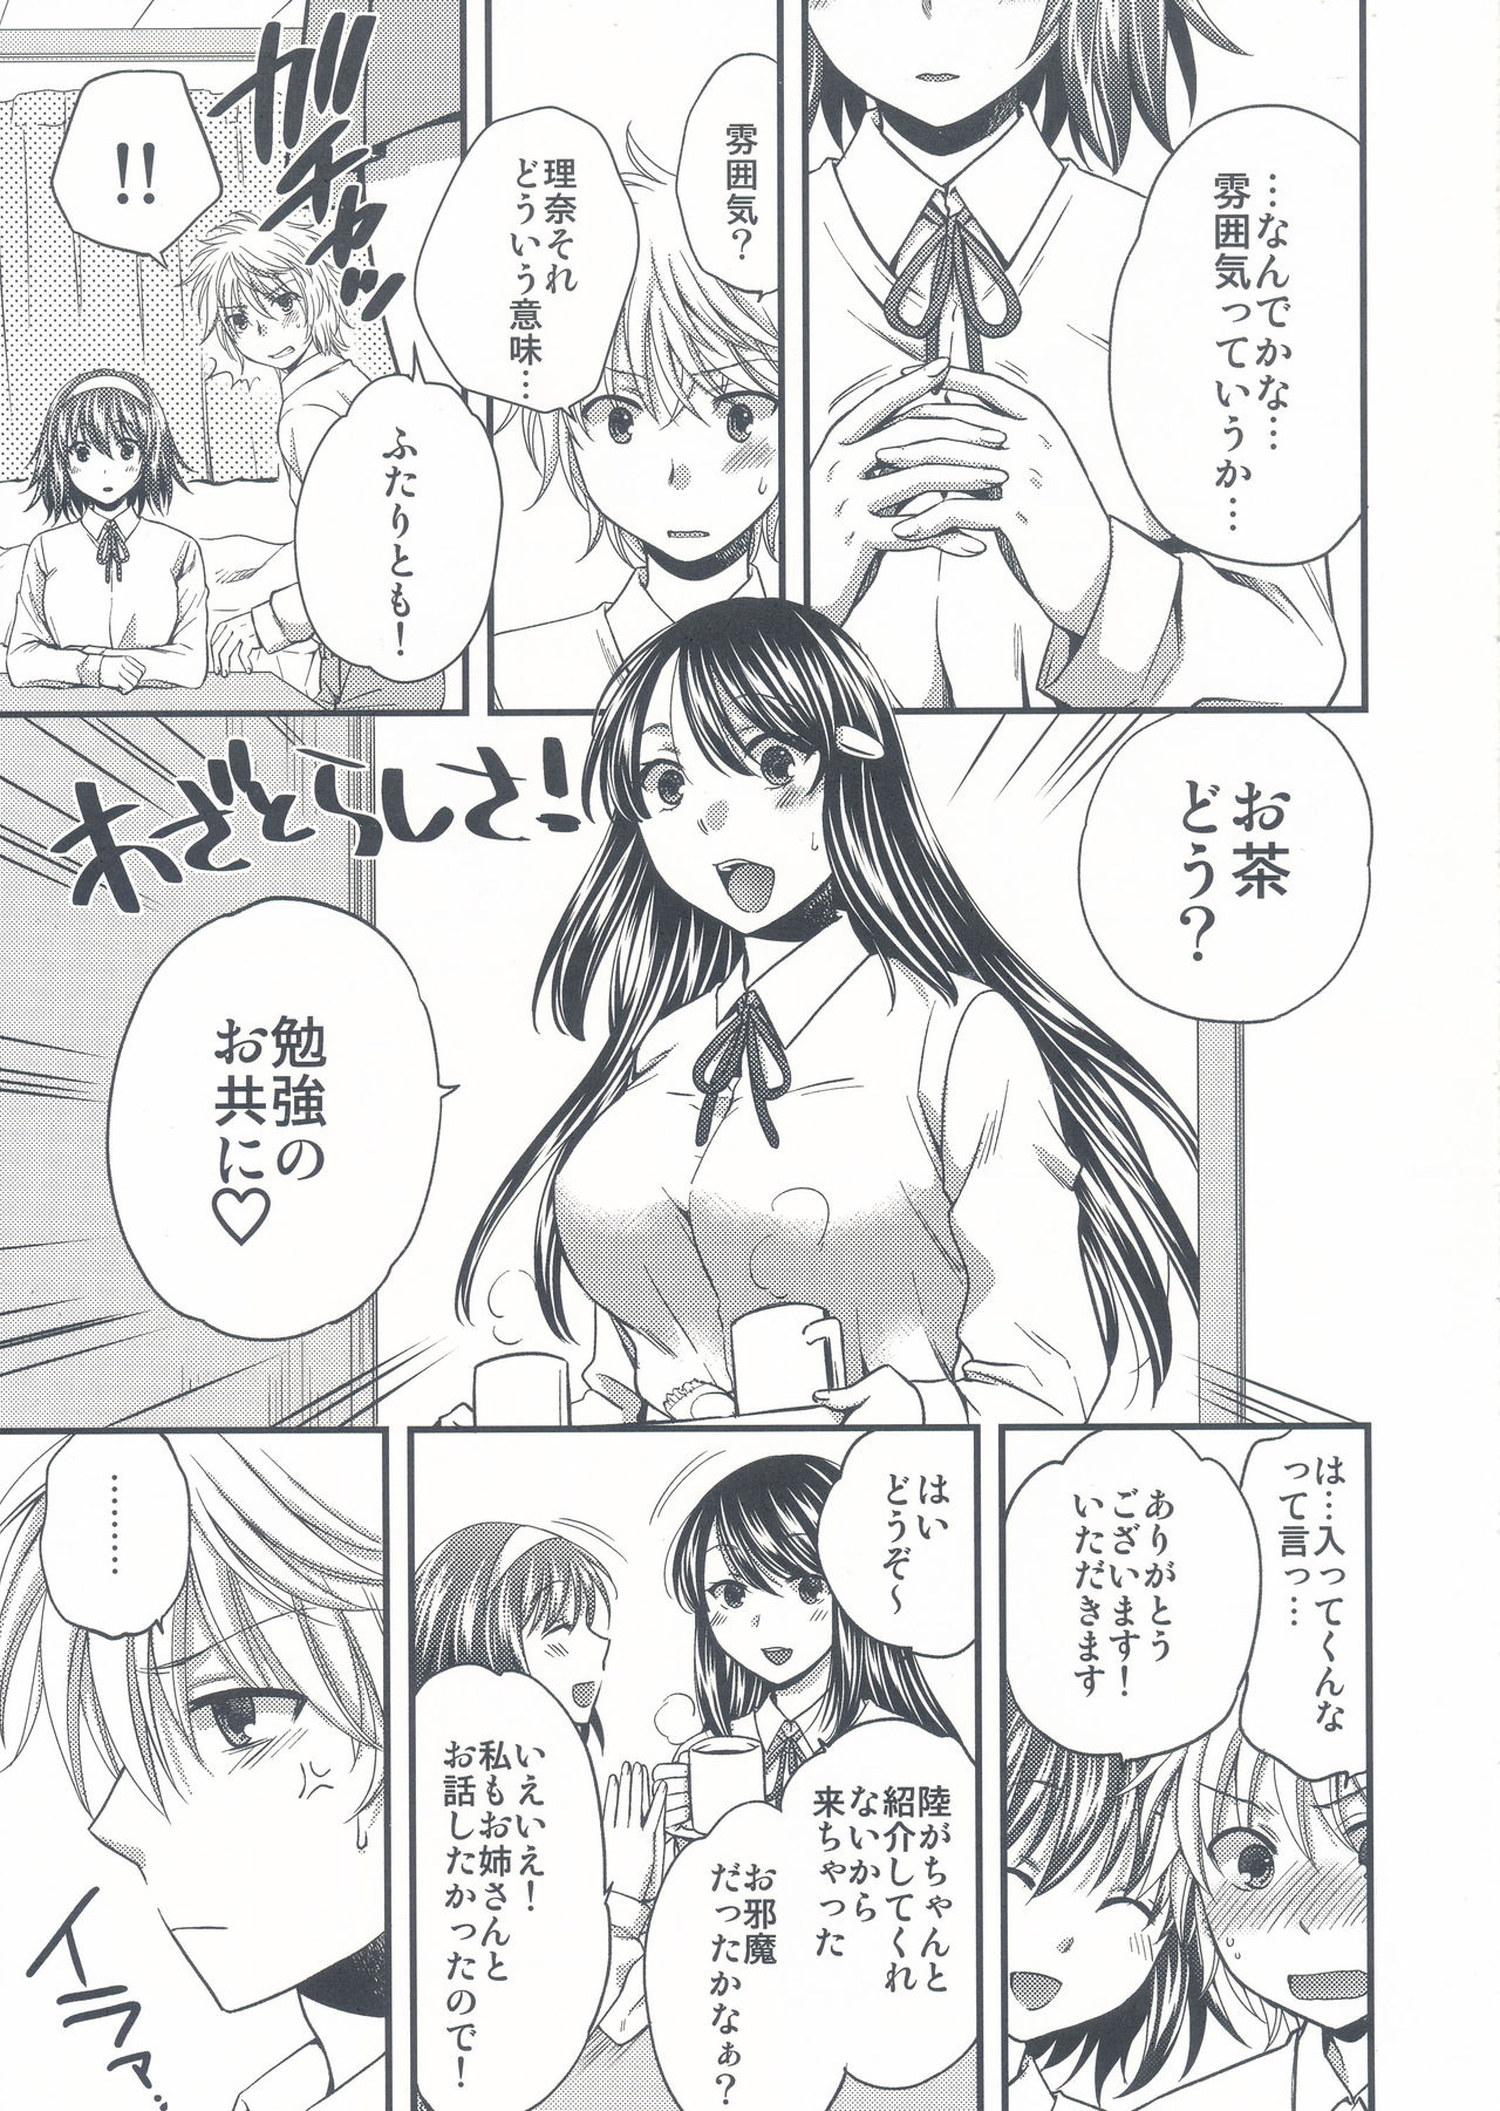 【エロ漫画】黒髪ロングの巨乳JKのお姉さんと、彼女の前で近親相姦セックスww【無料 エロ同人誌】 (5)